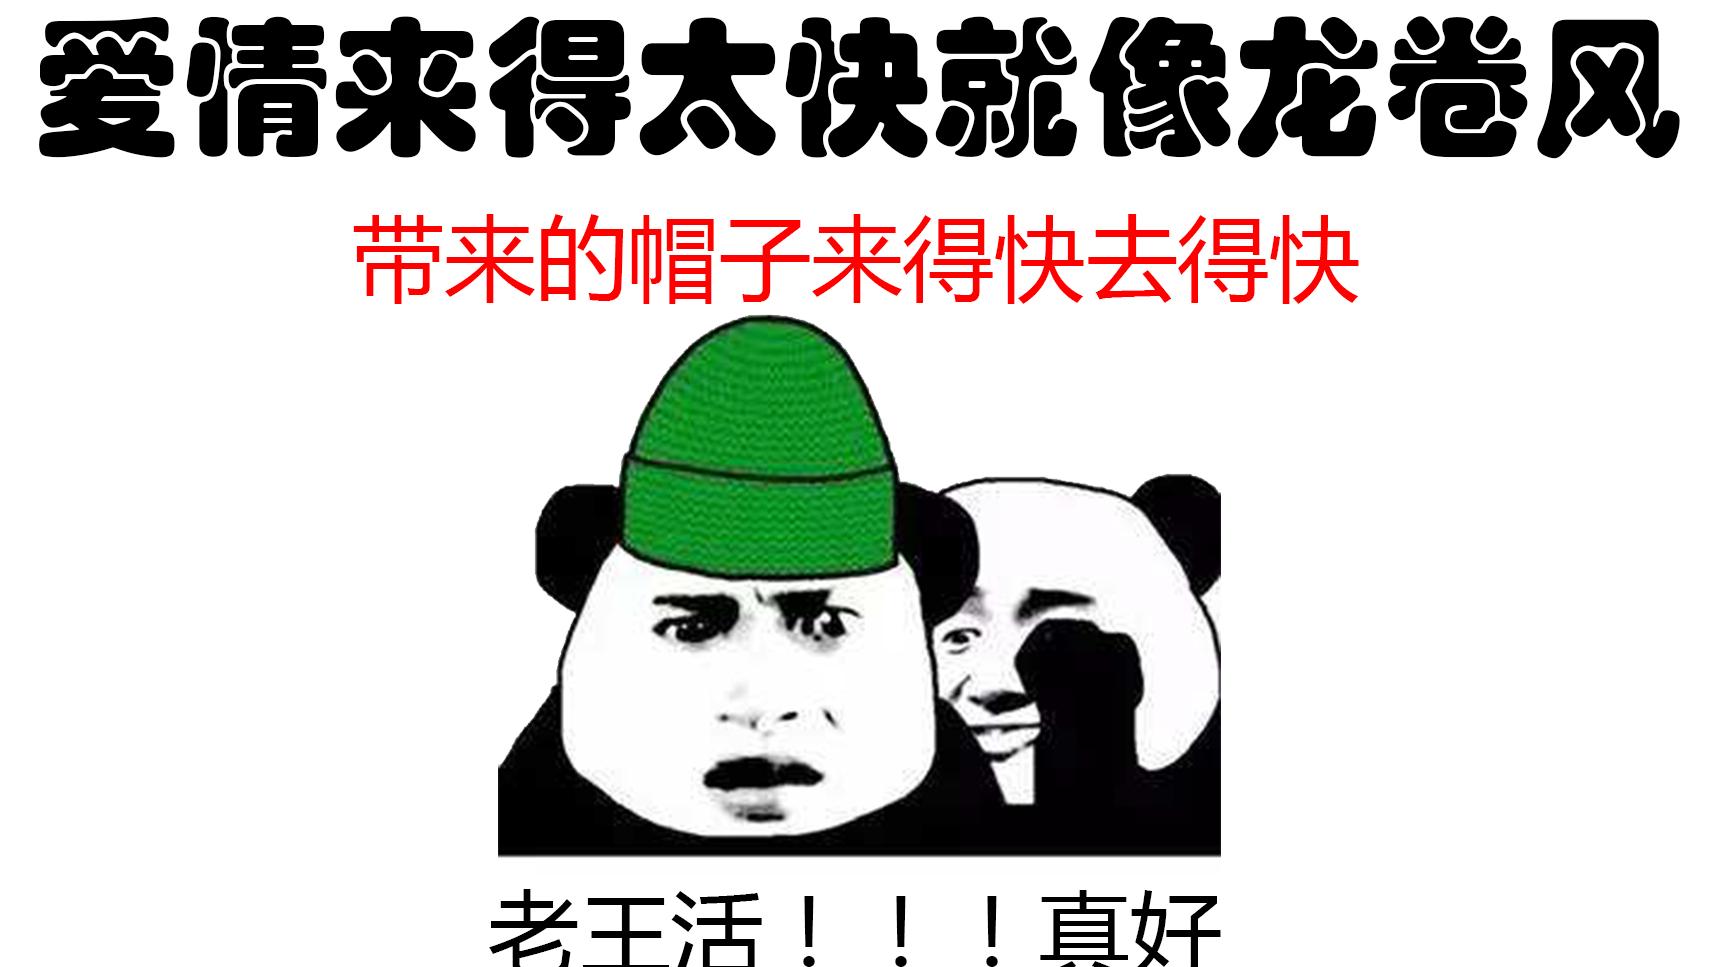 当中国表情包流入日本....神奇的知识又增加了!